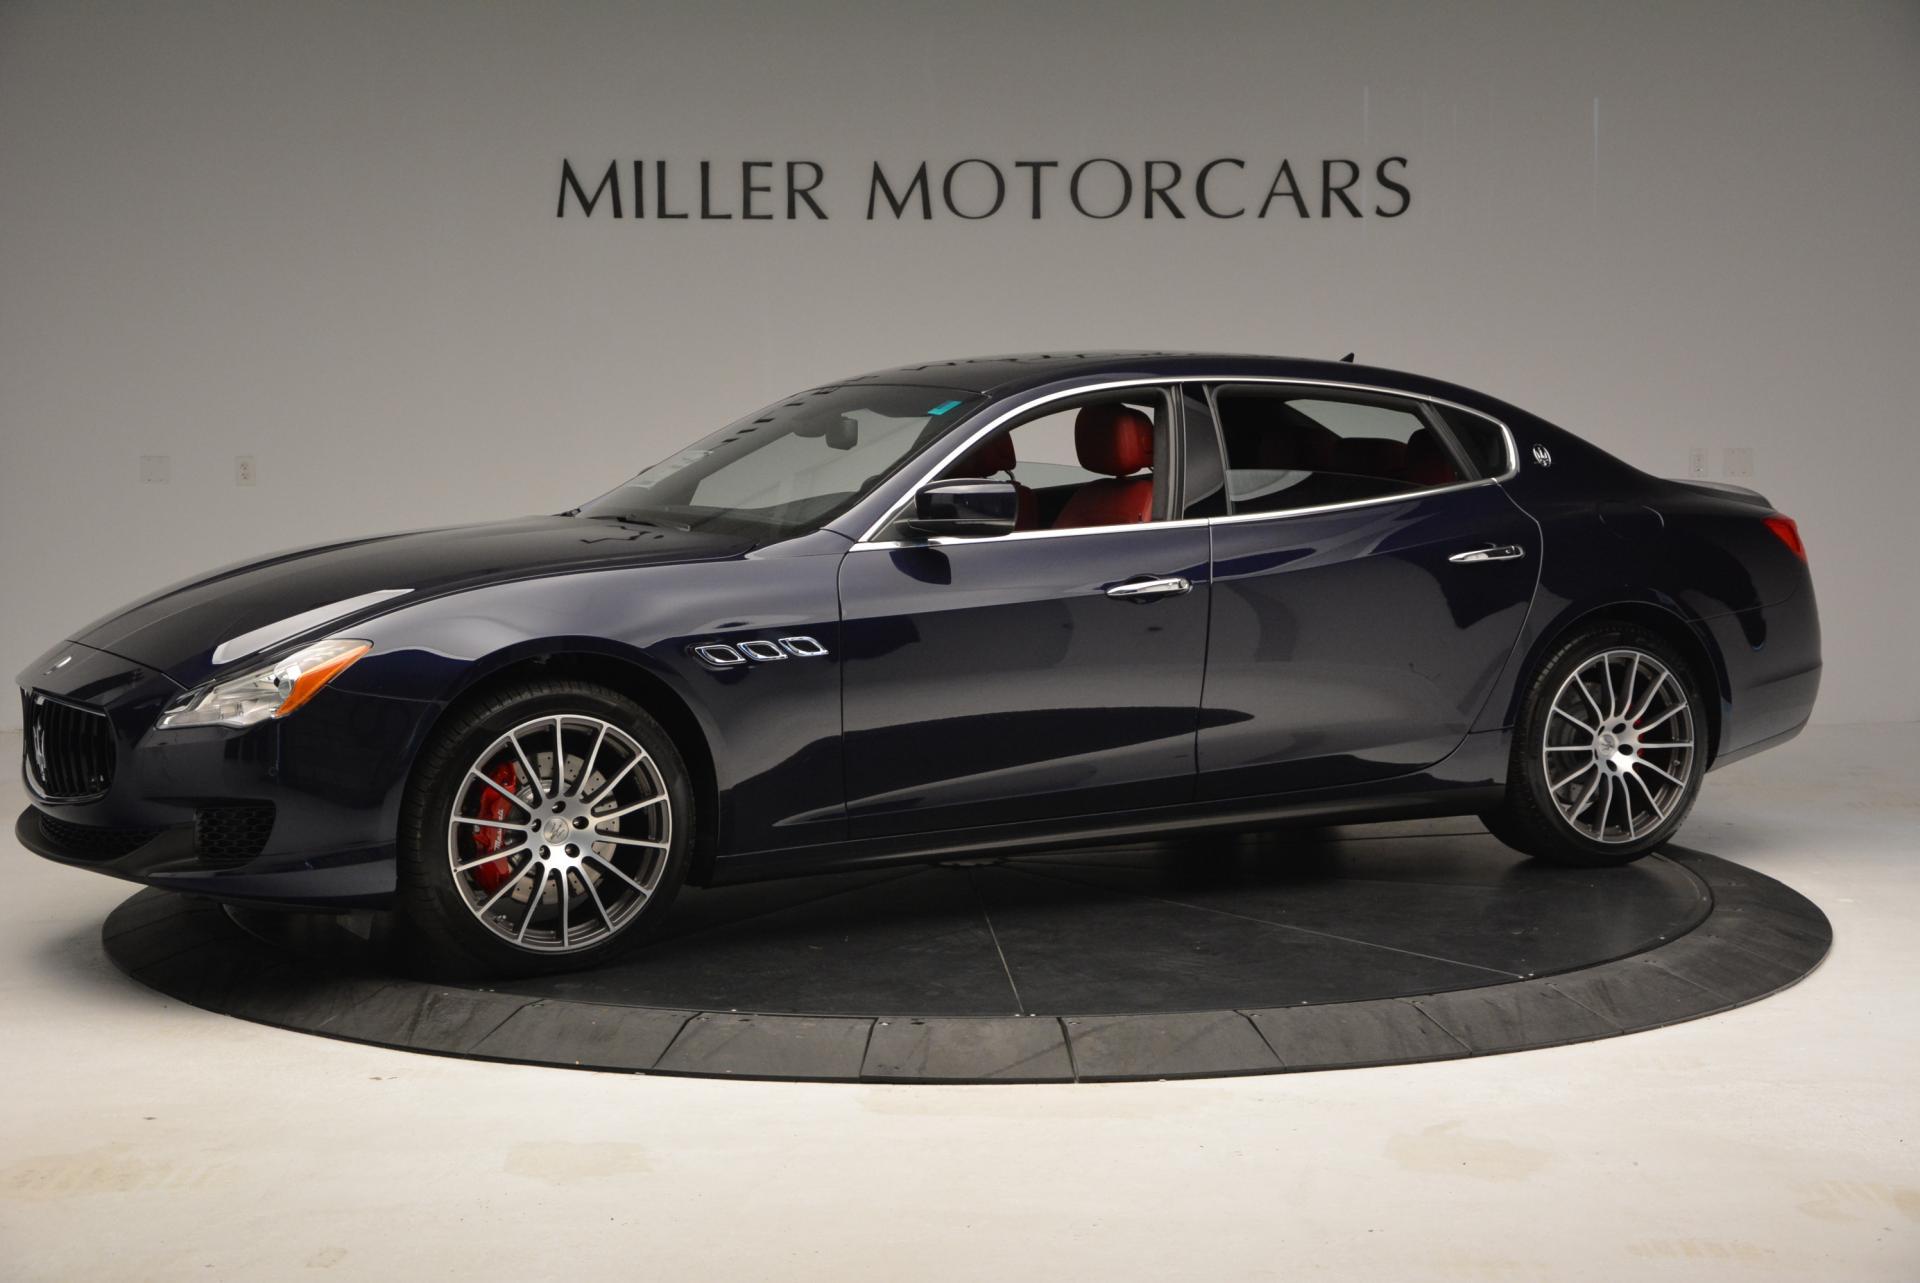 New 2016 Maserati Quattroporte S Q4  *******      DEALER'S  DEMO For Sale In Greenwich, CT 185_p3